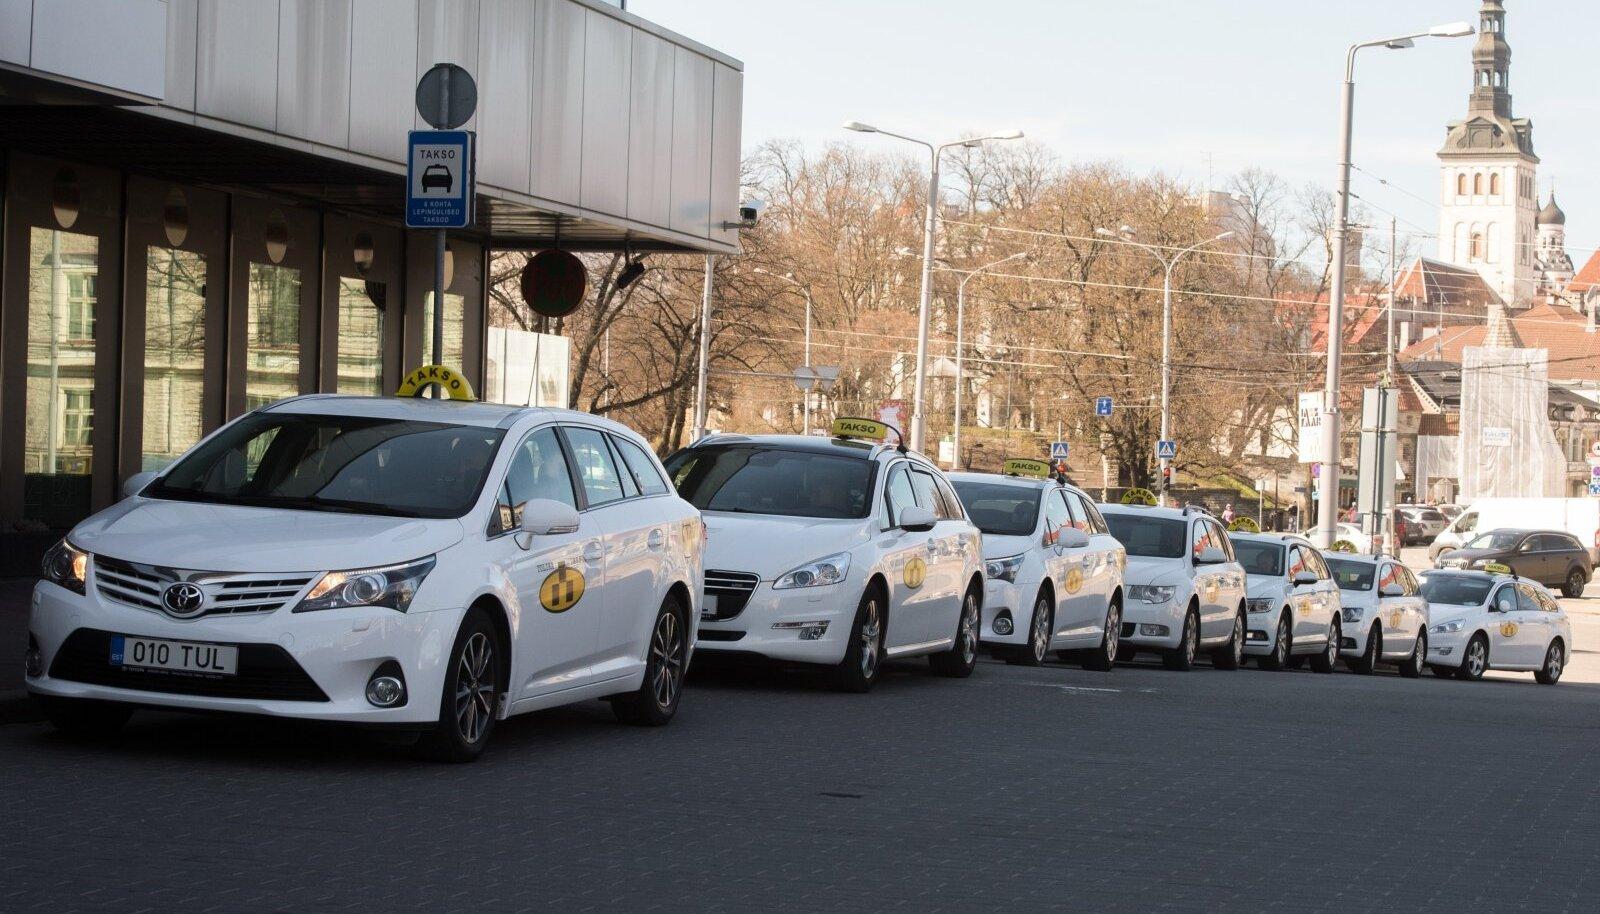 Tulika takso